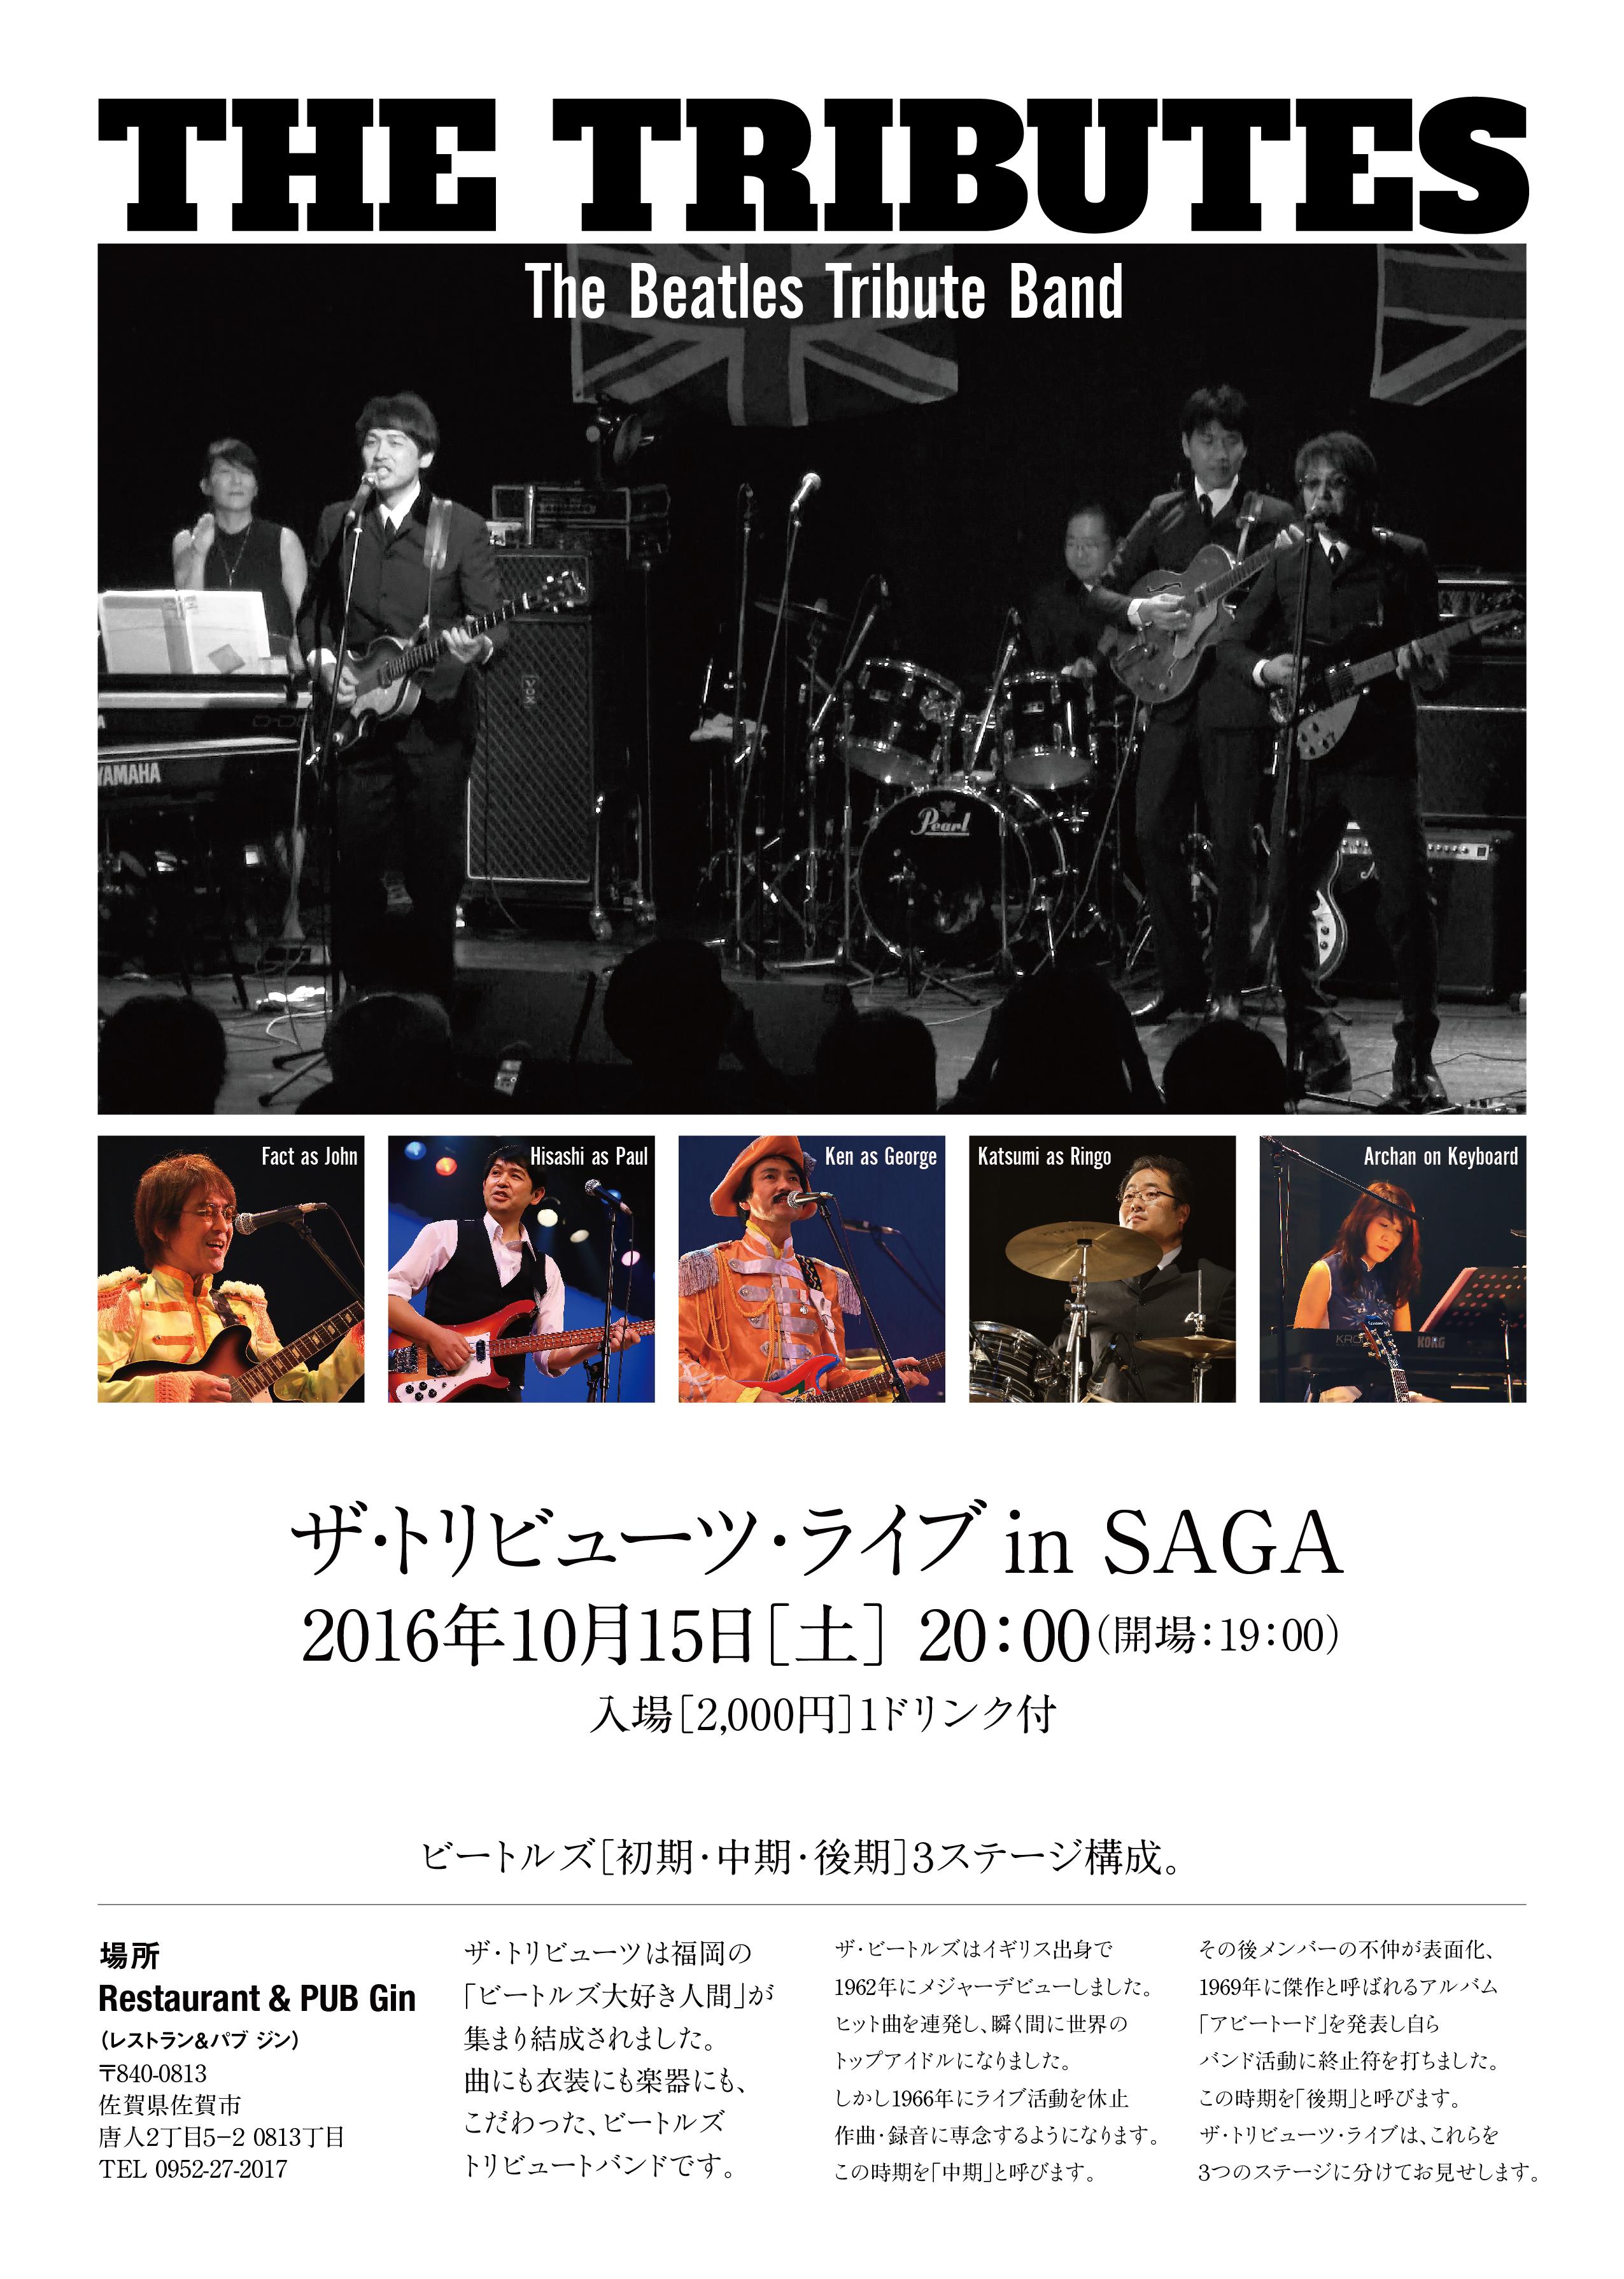 トリビューツ・ライブ in SAGA